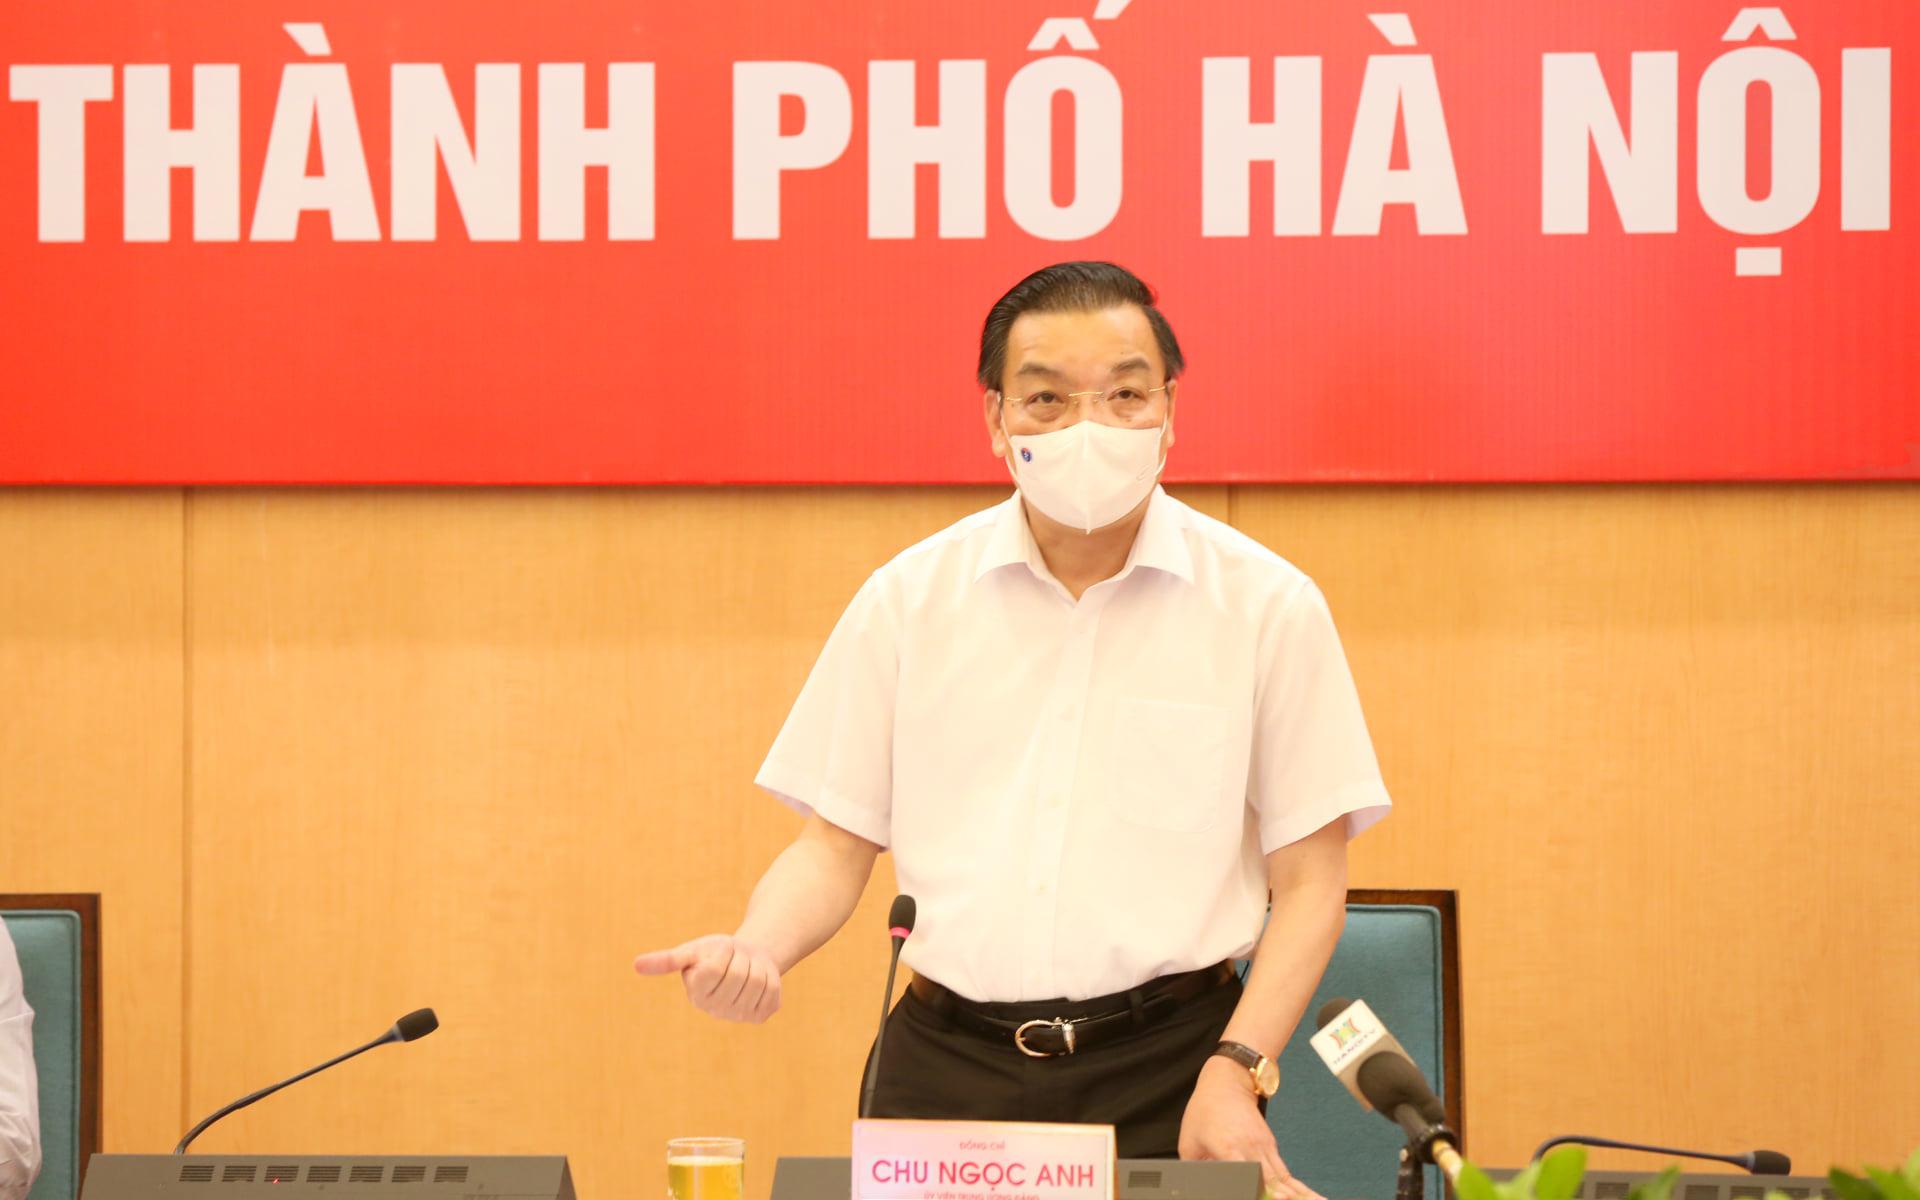 Chủ tịch Hà Nội: Áp dụng biện pháp mạnh hơn Chỉ thị 16 tại nơi có nguy cơ cao